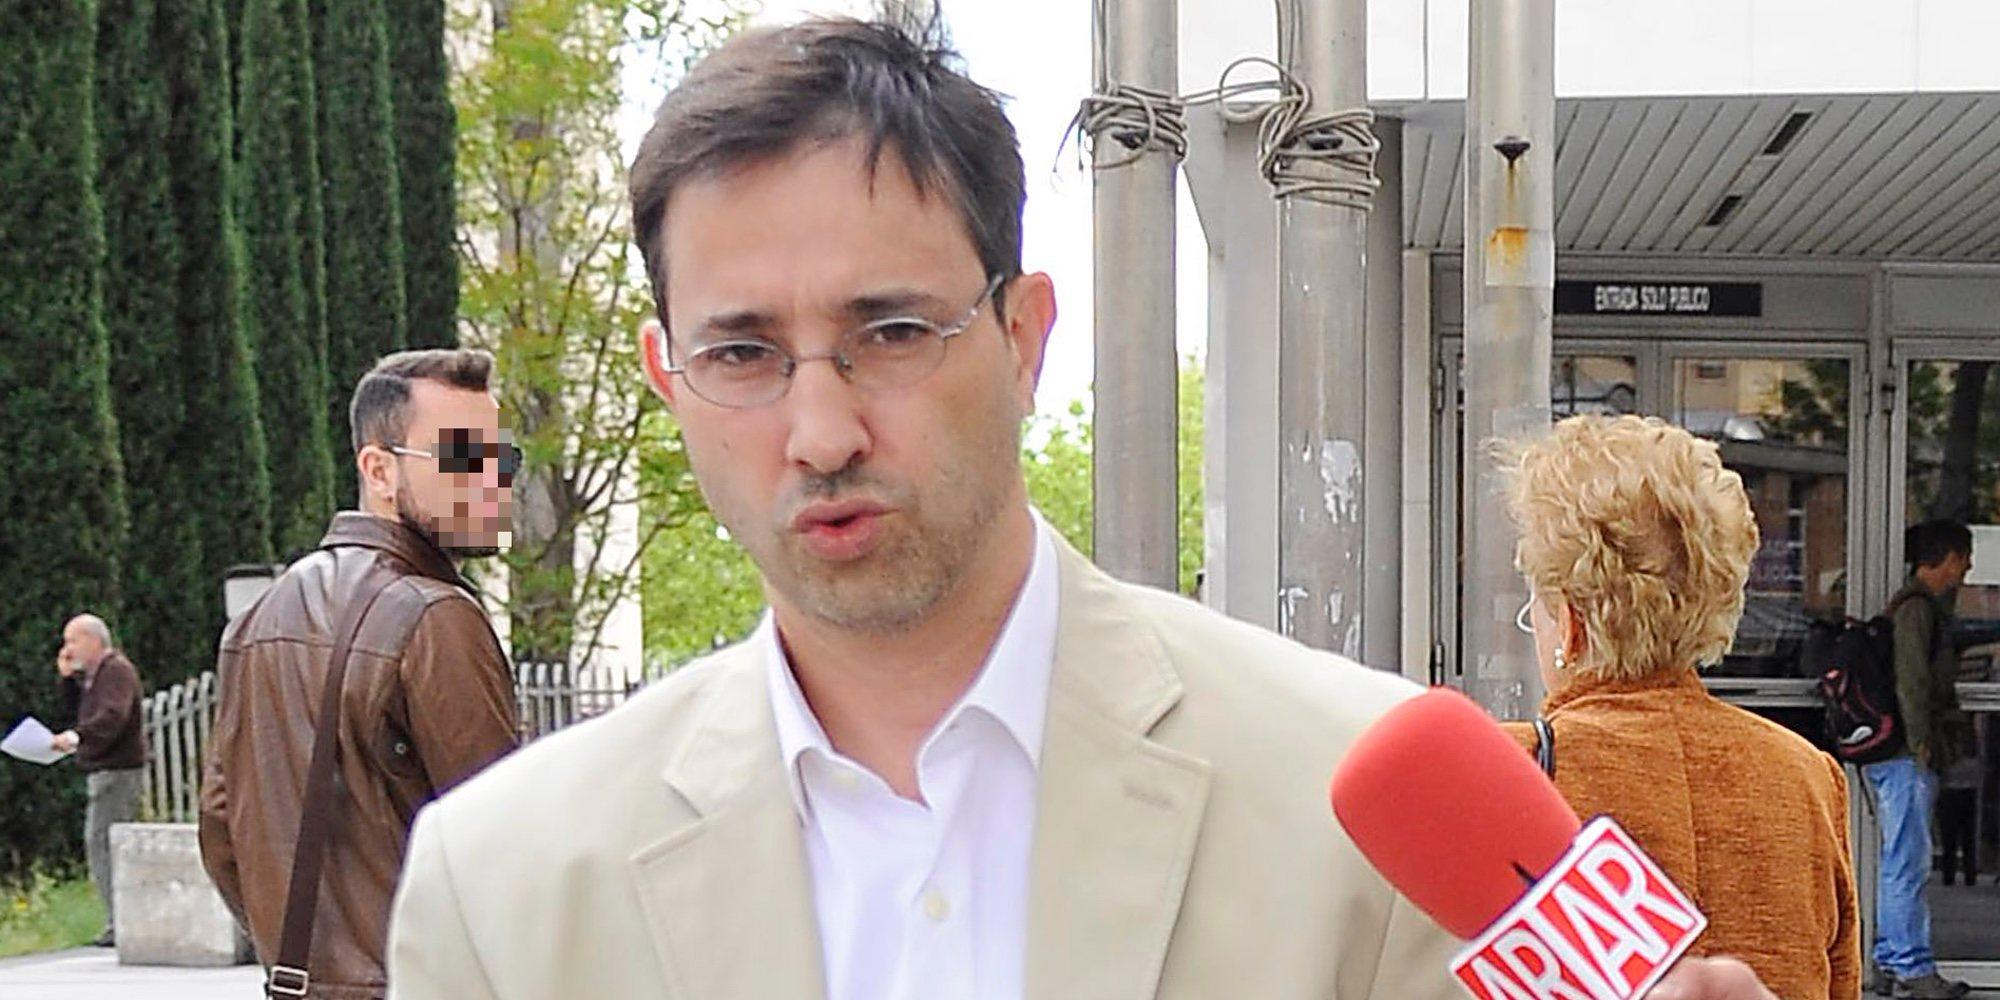 David Rocasolano, primo de la Reina Letizia, condenado a 18 meses de cárcel por revelación de secretos